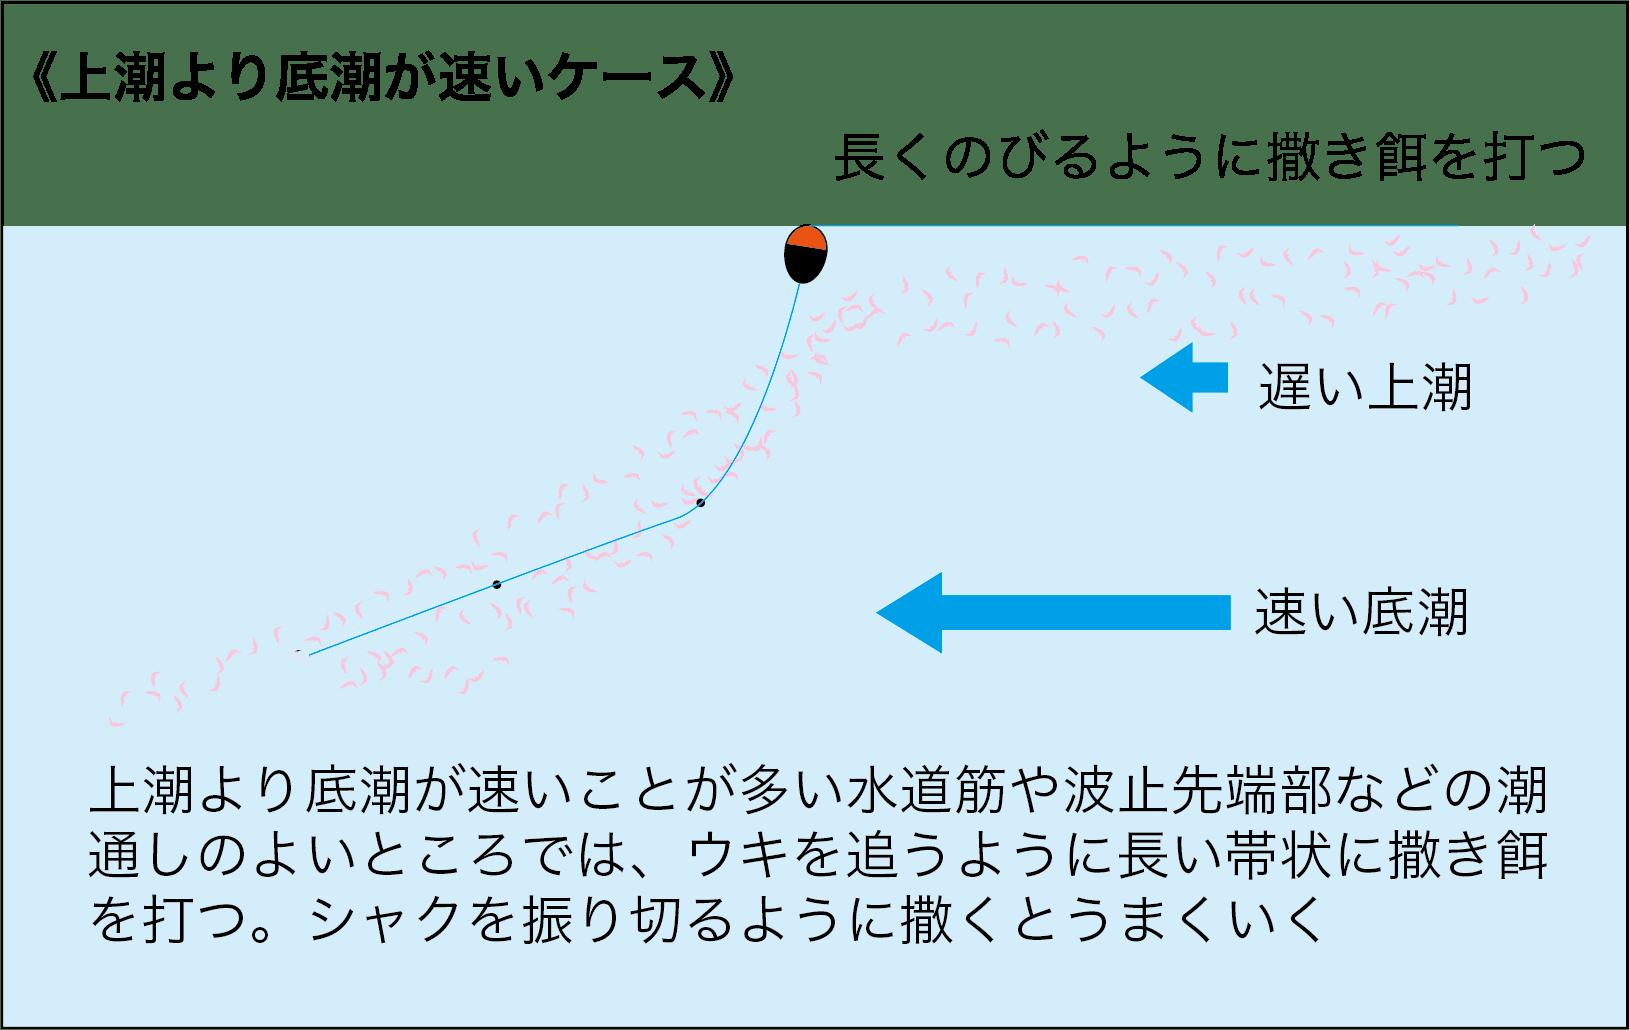 フカセ釣りQA撒き餌を打つ位置3